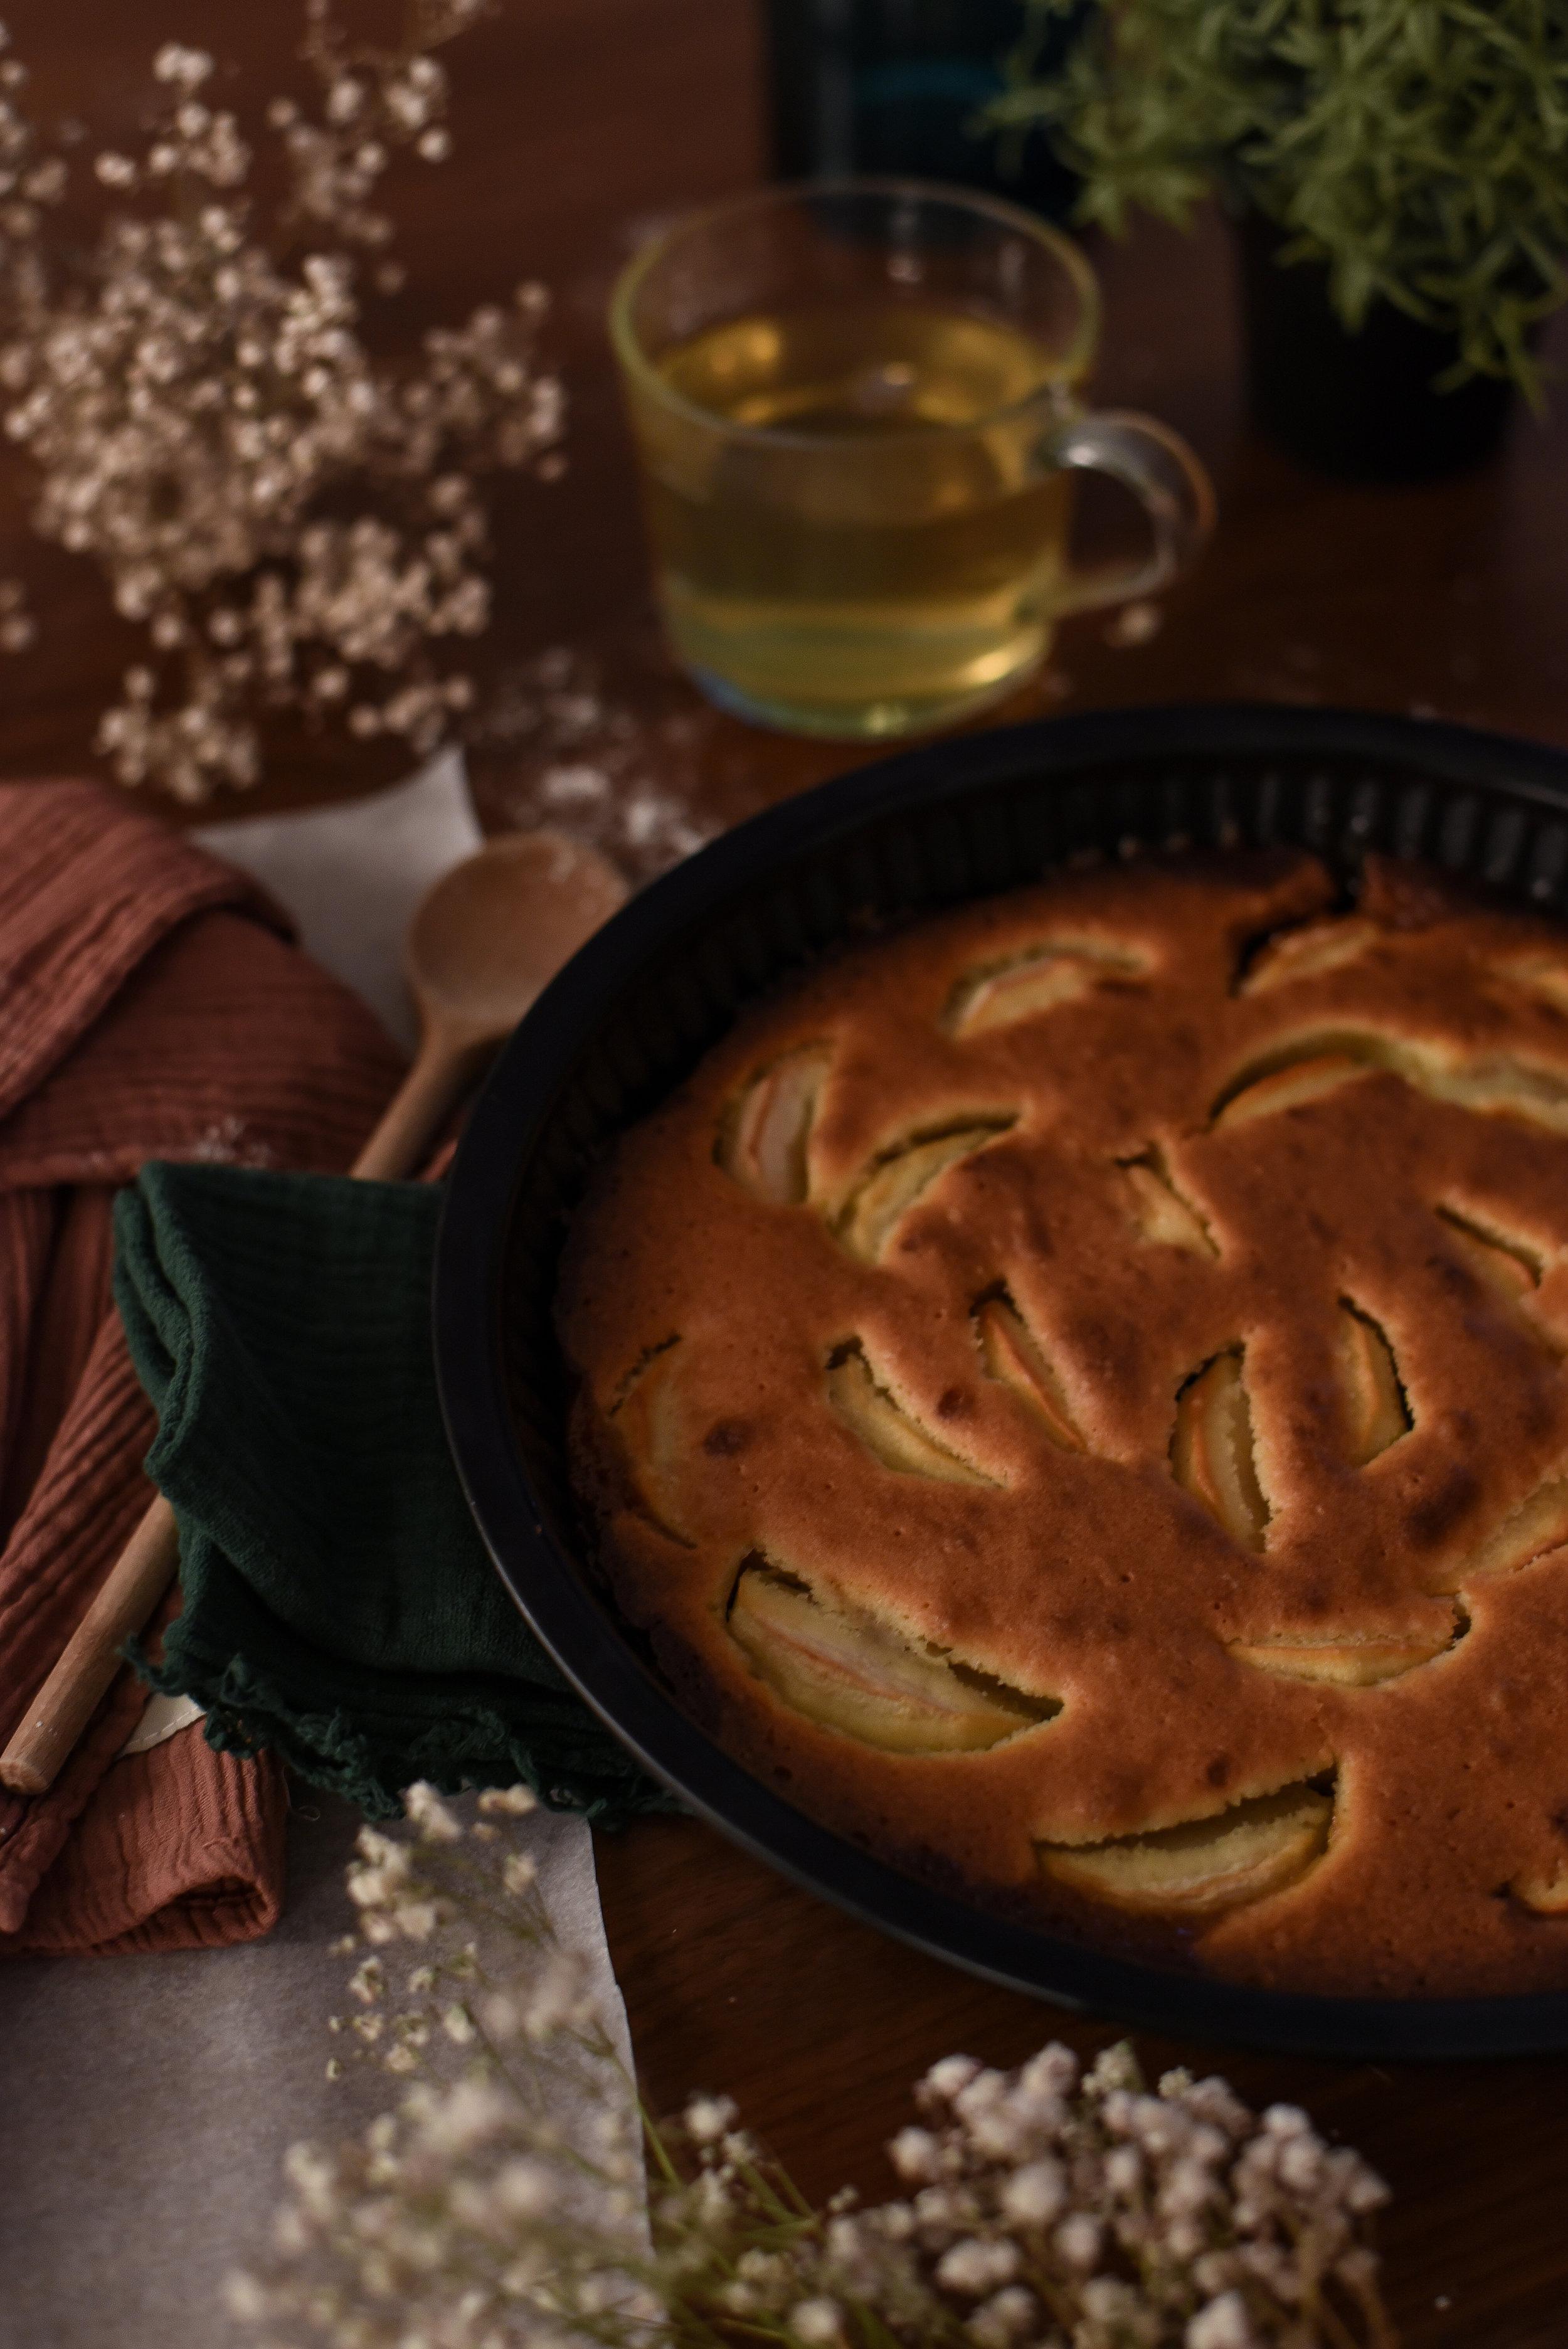 twinky lizzy blog aix en provence - gateau pomme caramel beurre sale 06.jpg